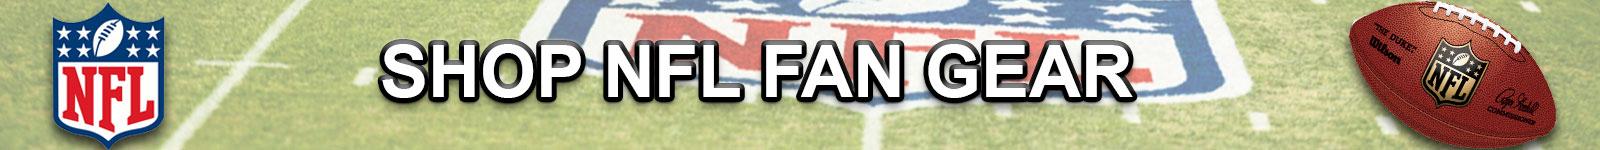 nfl-league-banner.jpg